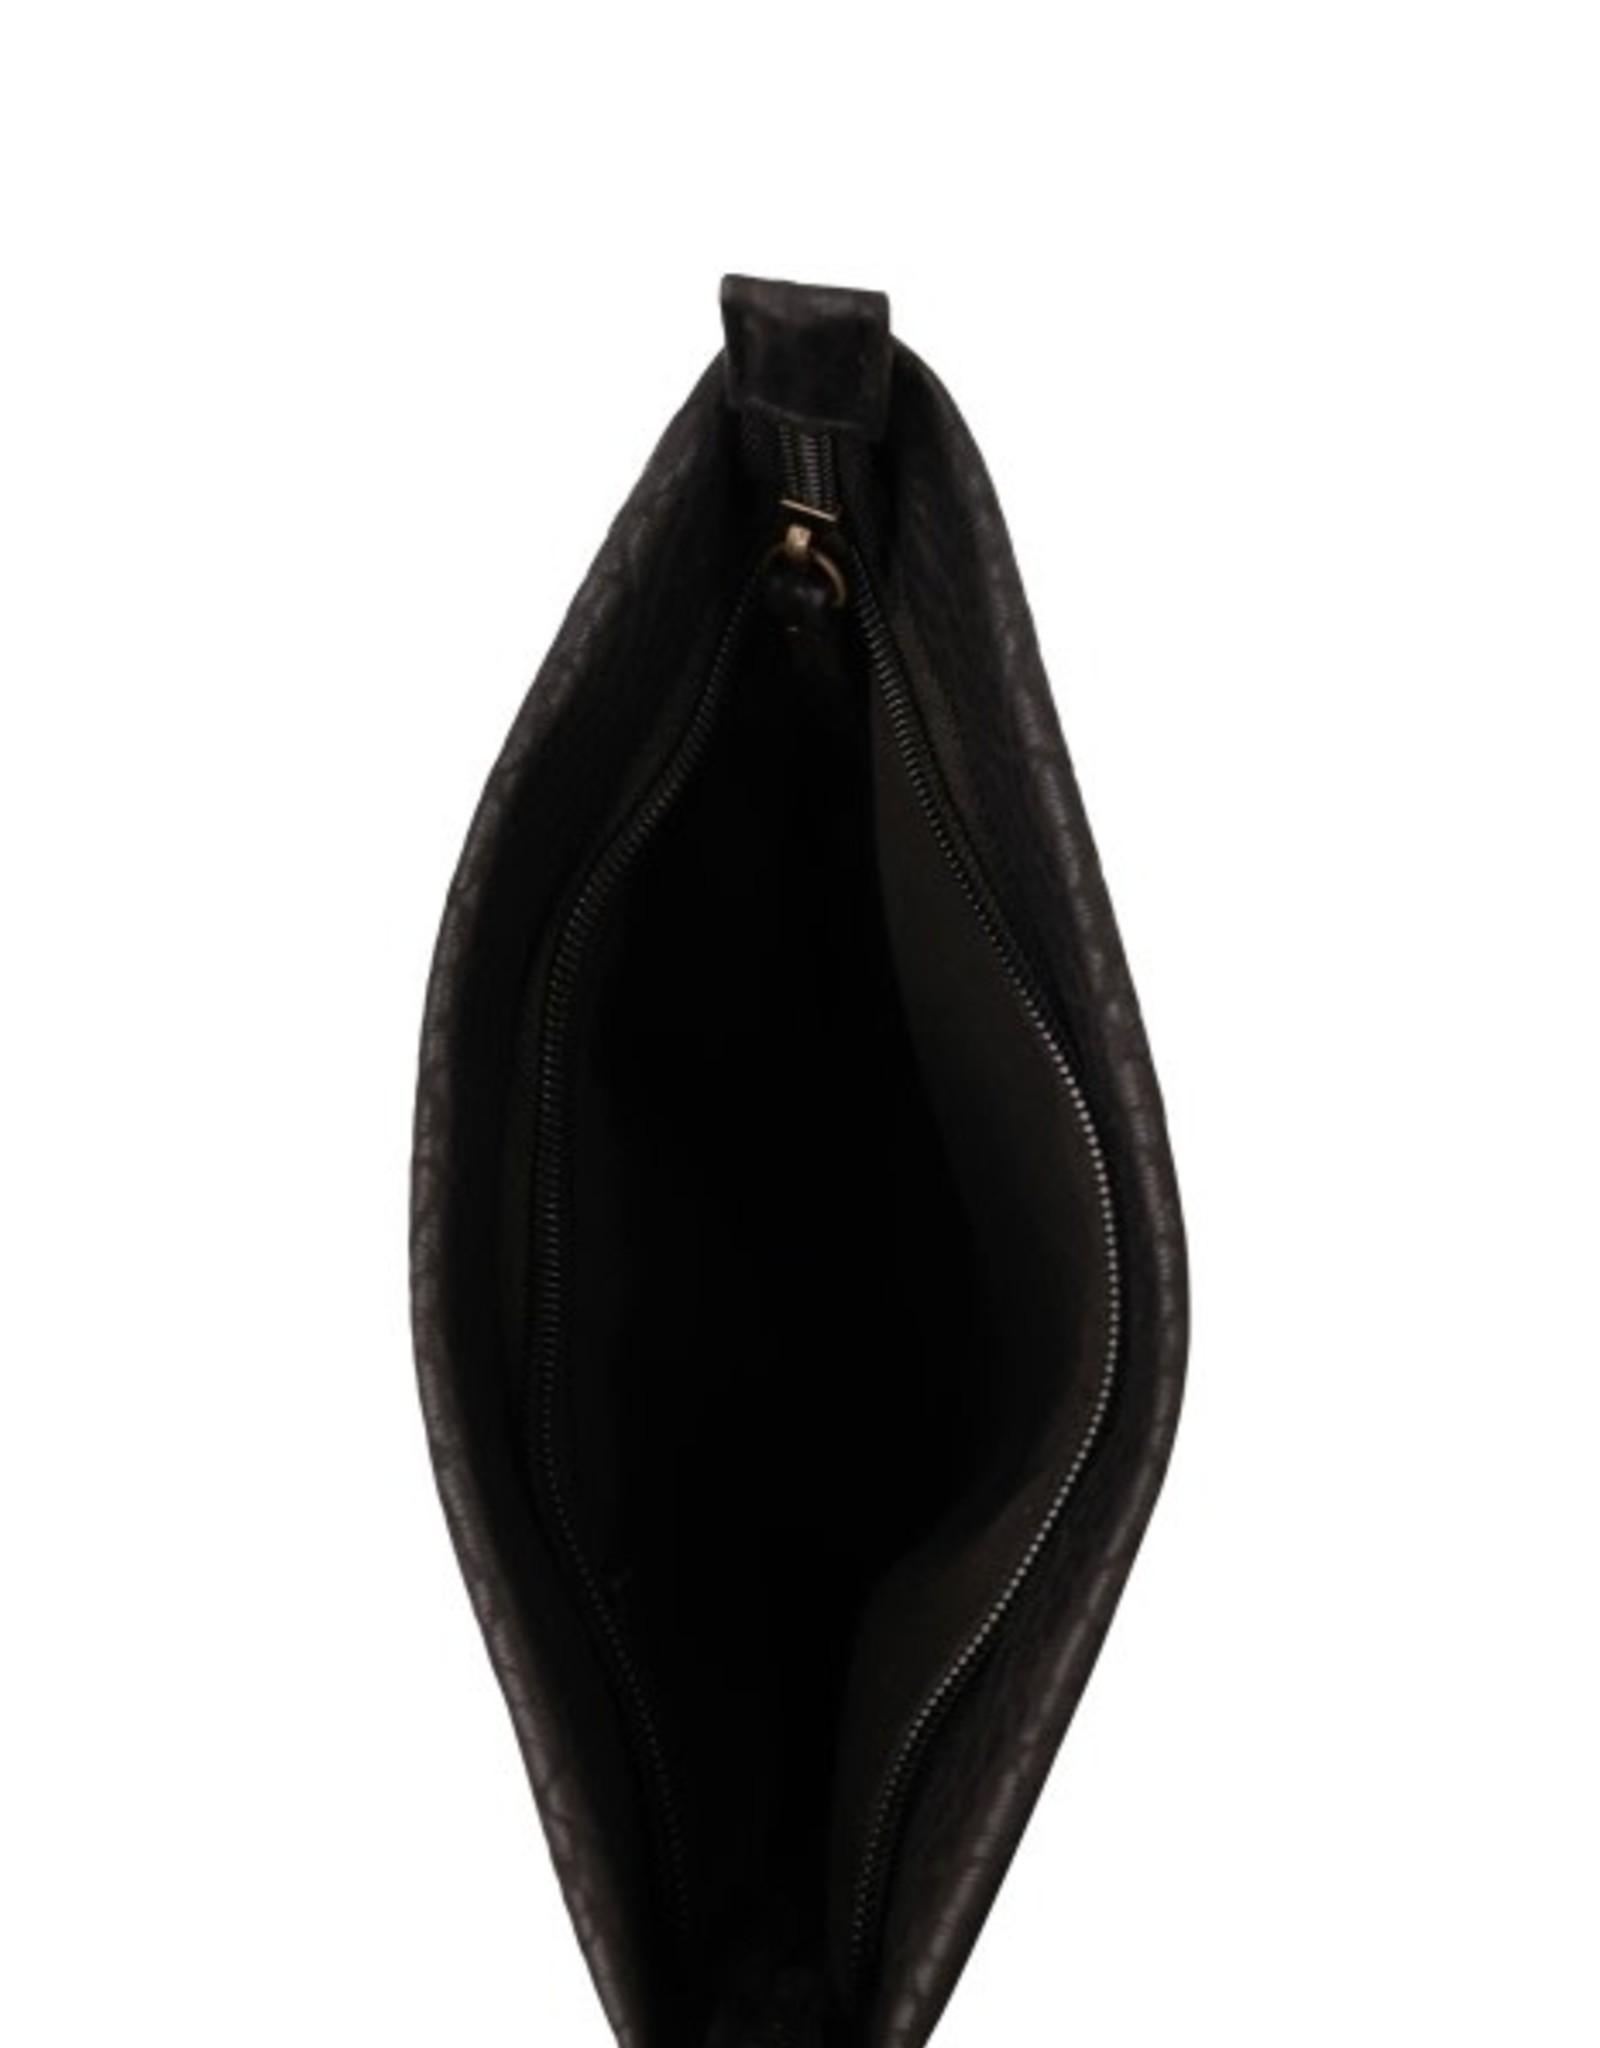 Zusss Zusss - basic schoudertas S zwart gevlokt